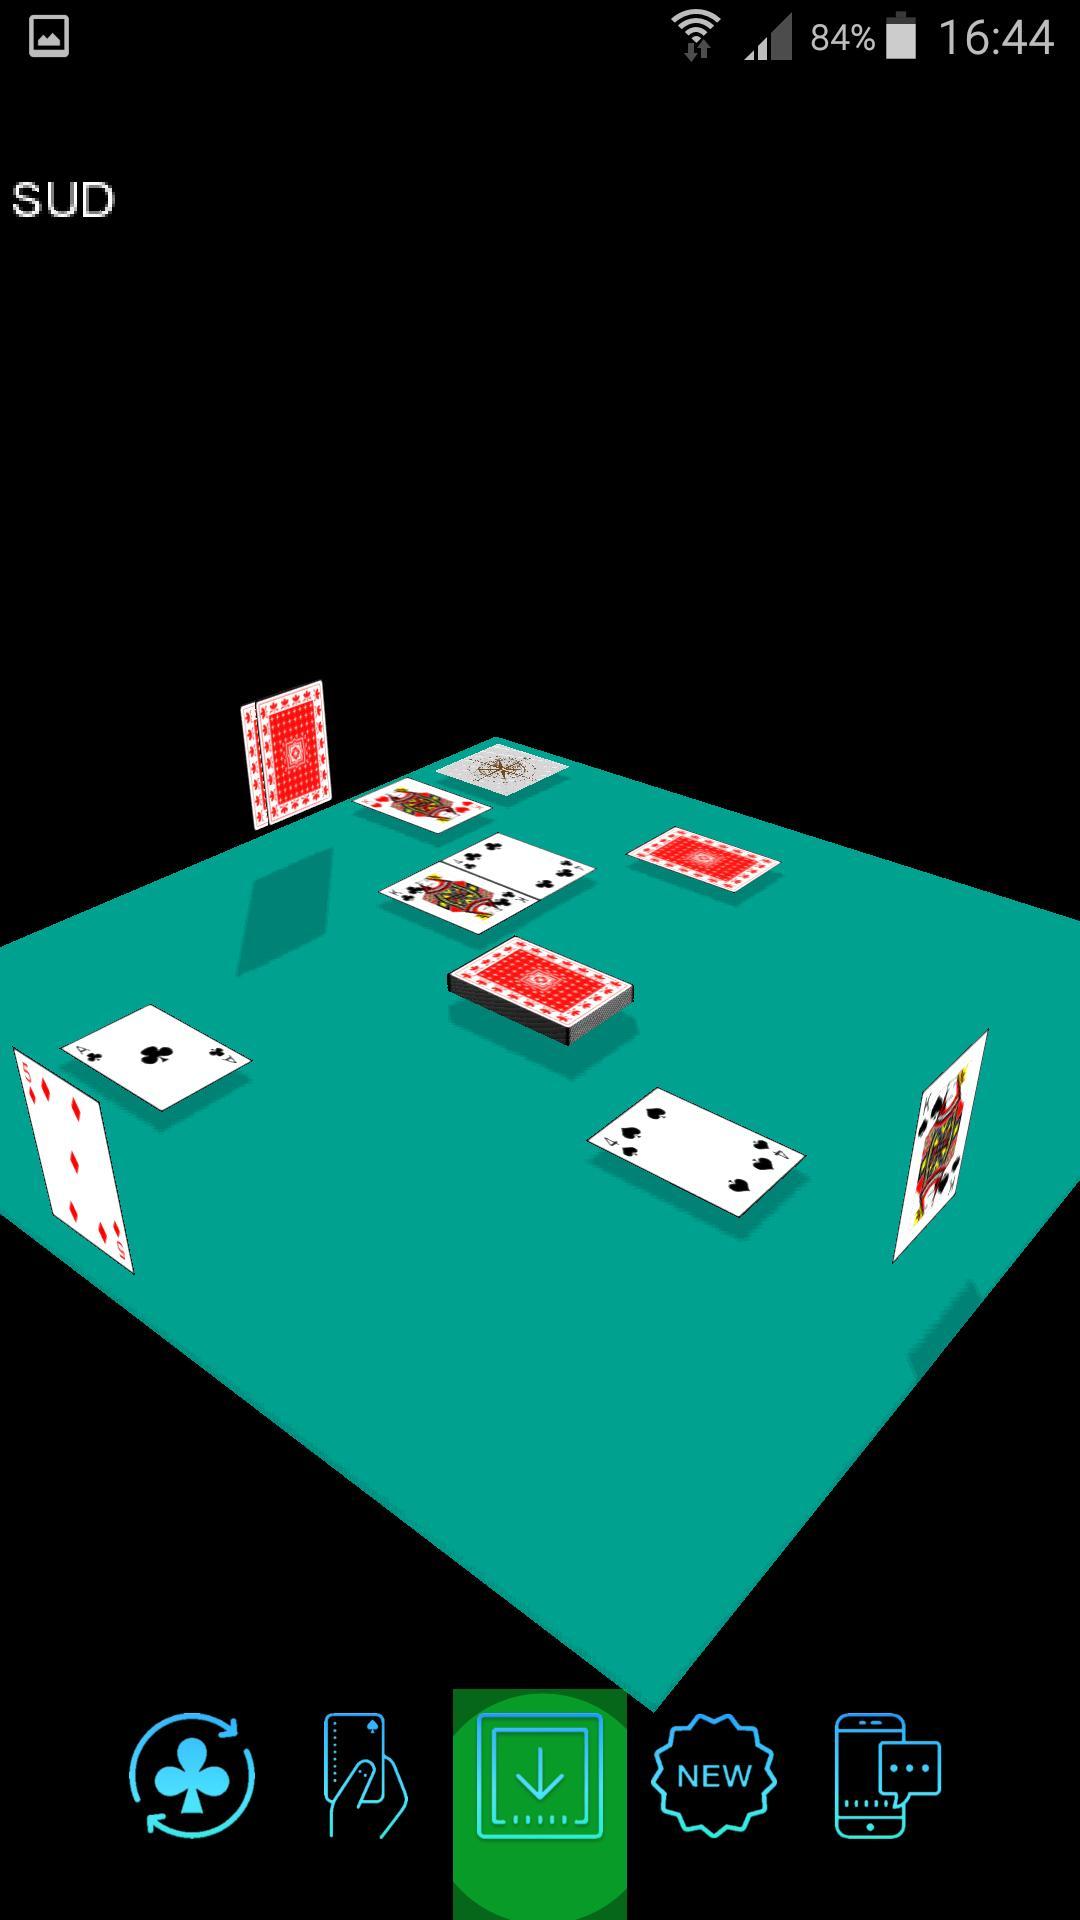 Android Için Cartes À Jouer 3D (Jeux Gratuit Sans Publicité pour تثعء لقضفعهف